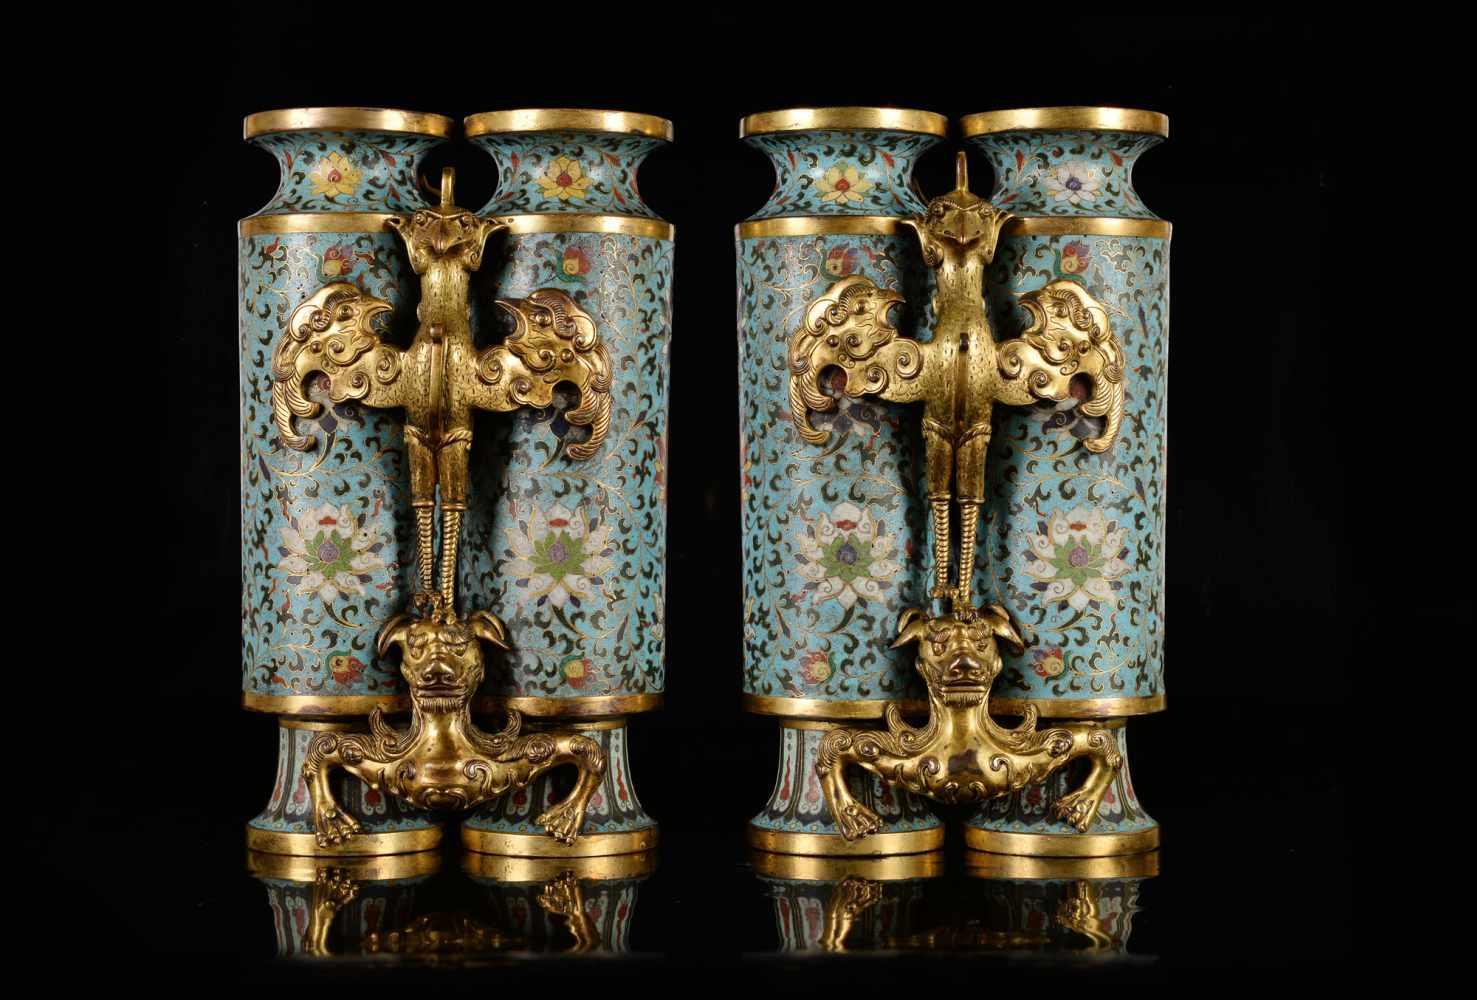 Vente Asian Art chez Zeeuws Veilinghuis : 1321 lots